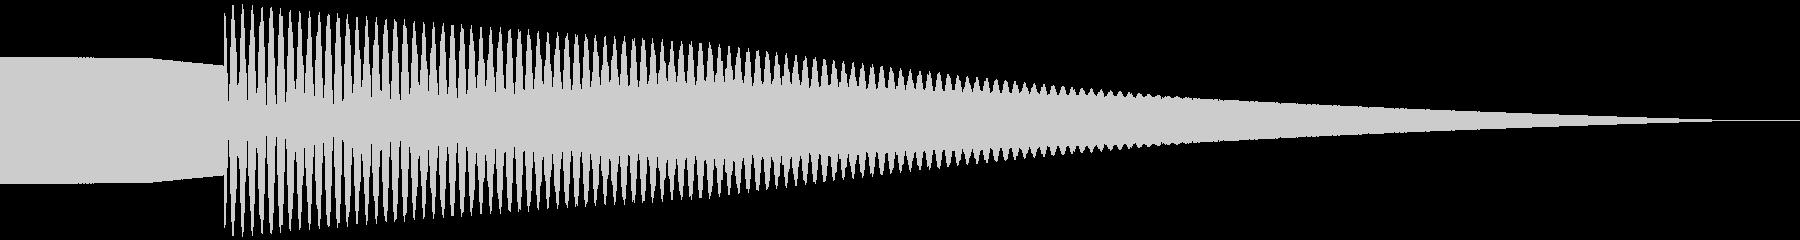 正解音 ピローン (シンプル)の未再生の波形